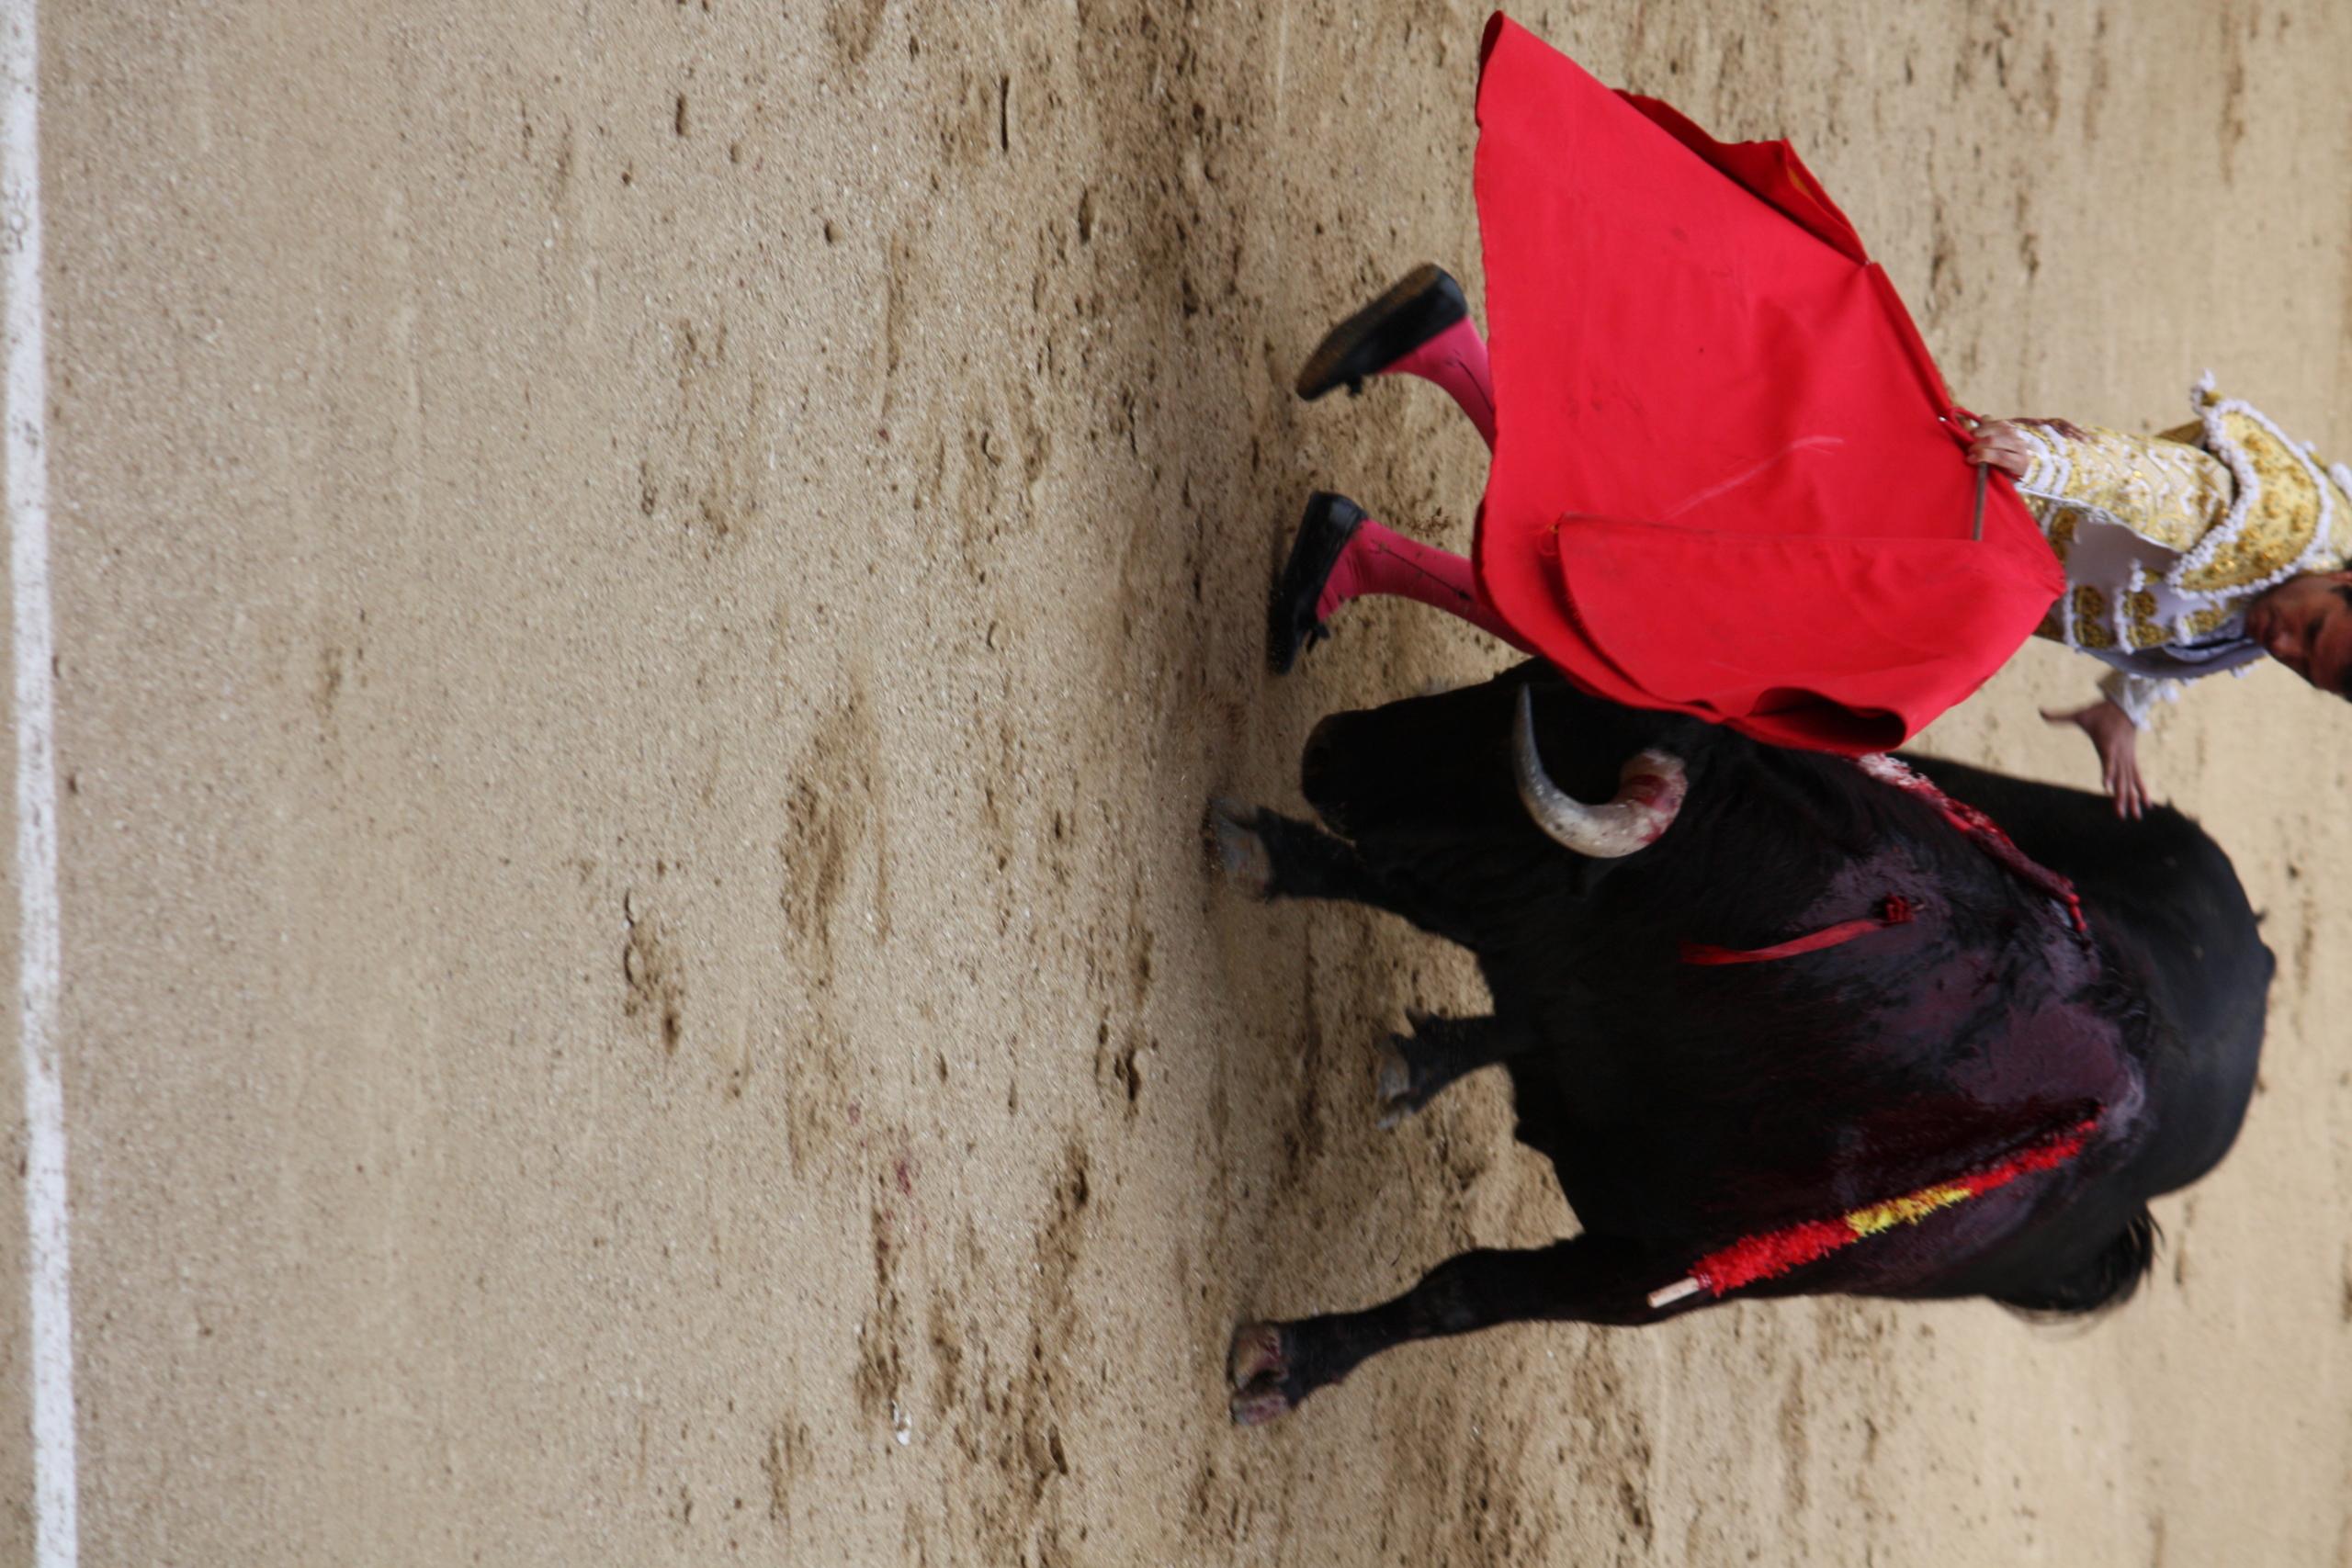 Fall of the matador European